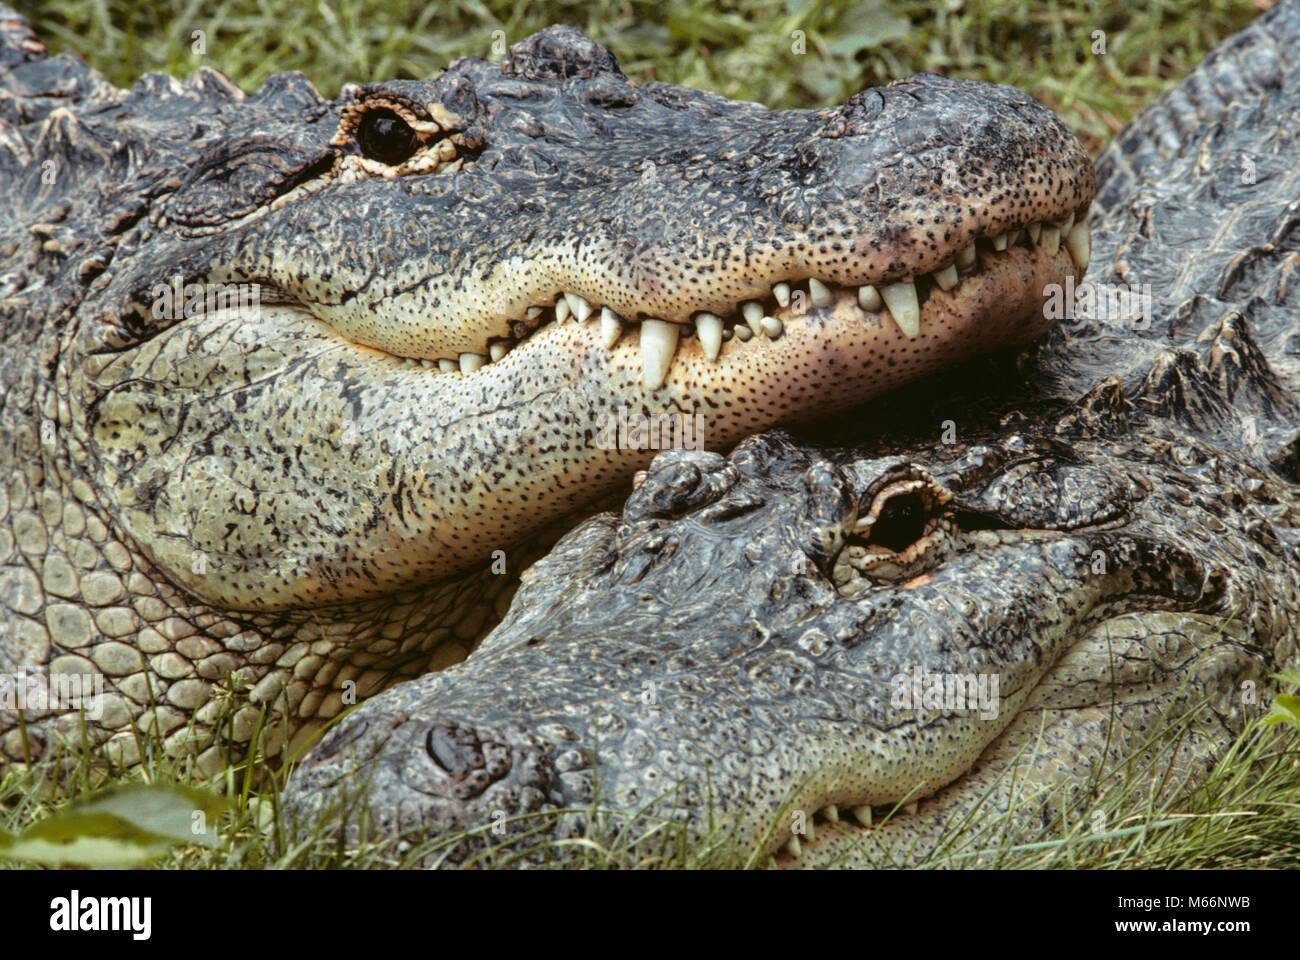 Zwei Alligatoren Alligator mississippiensis AUF KAMERA-kz 2615 GER ...